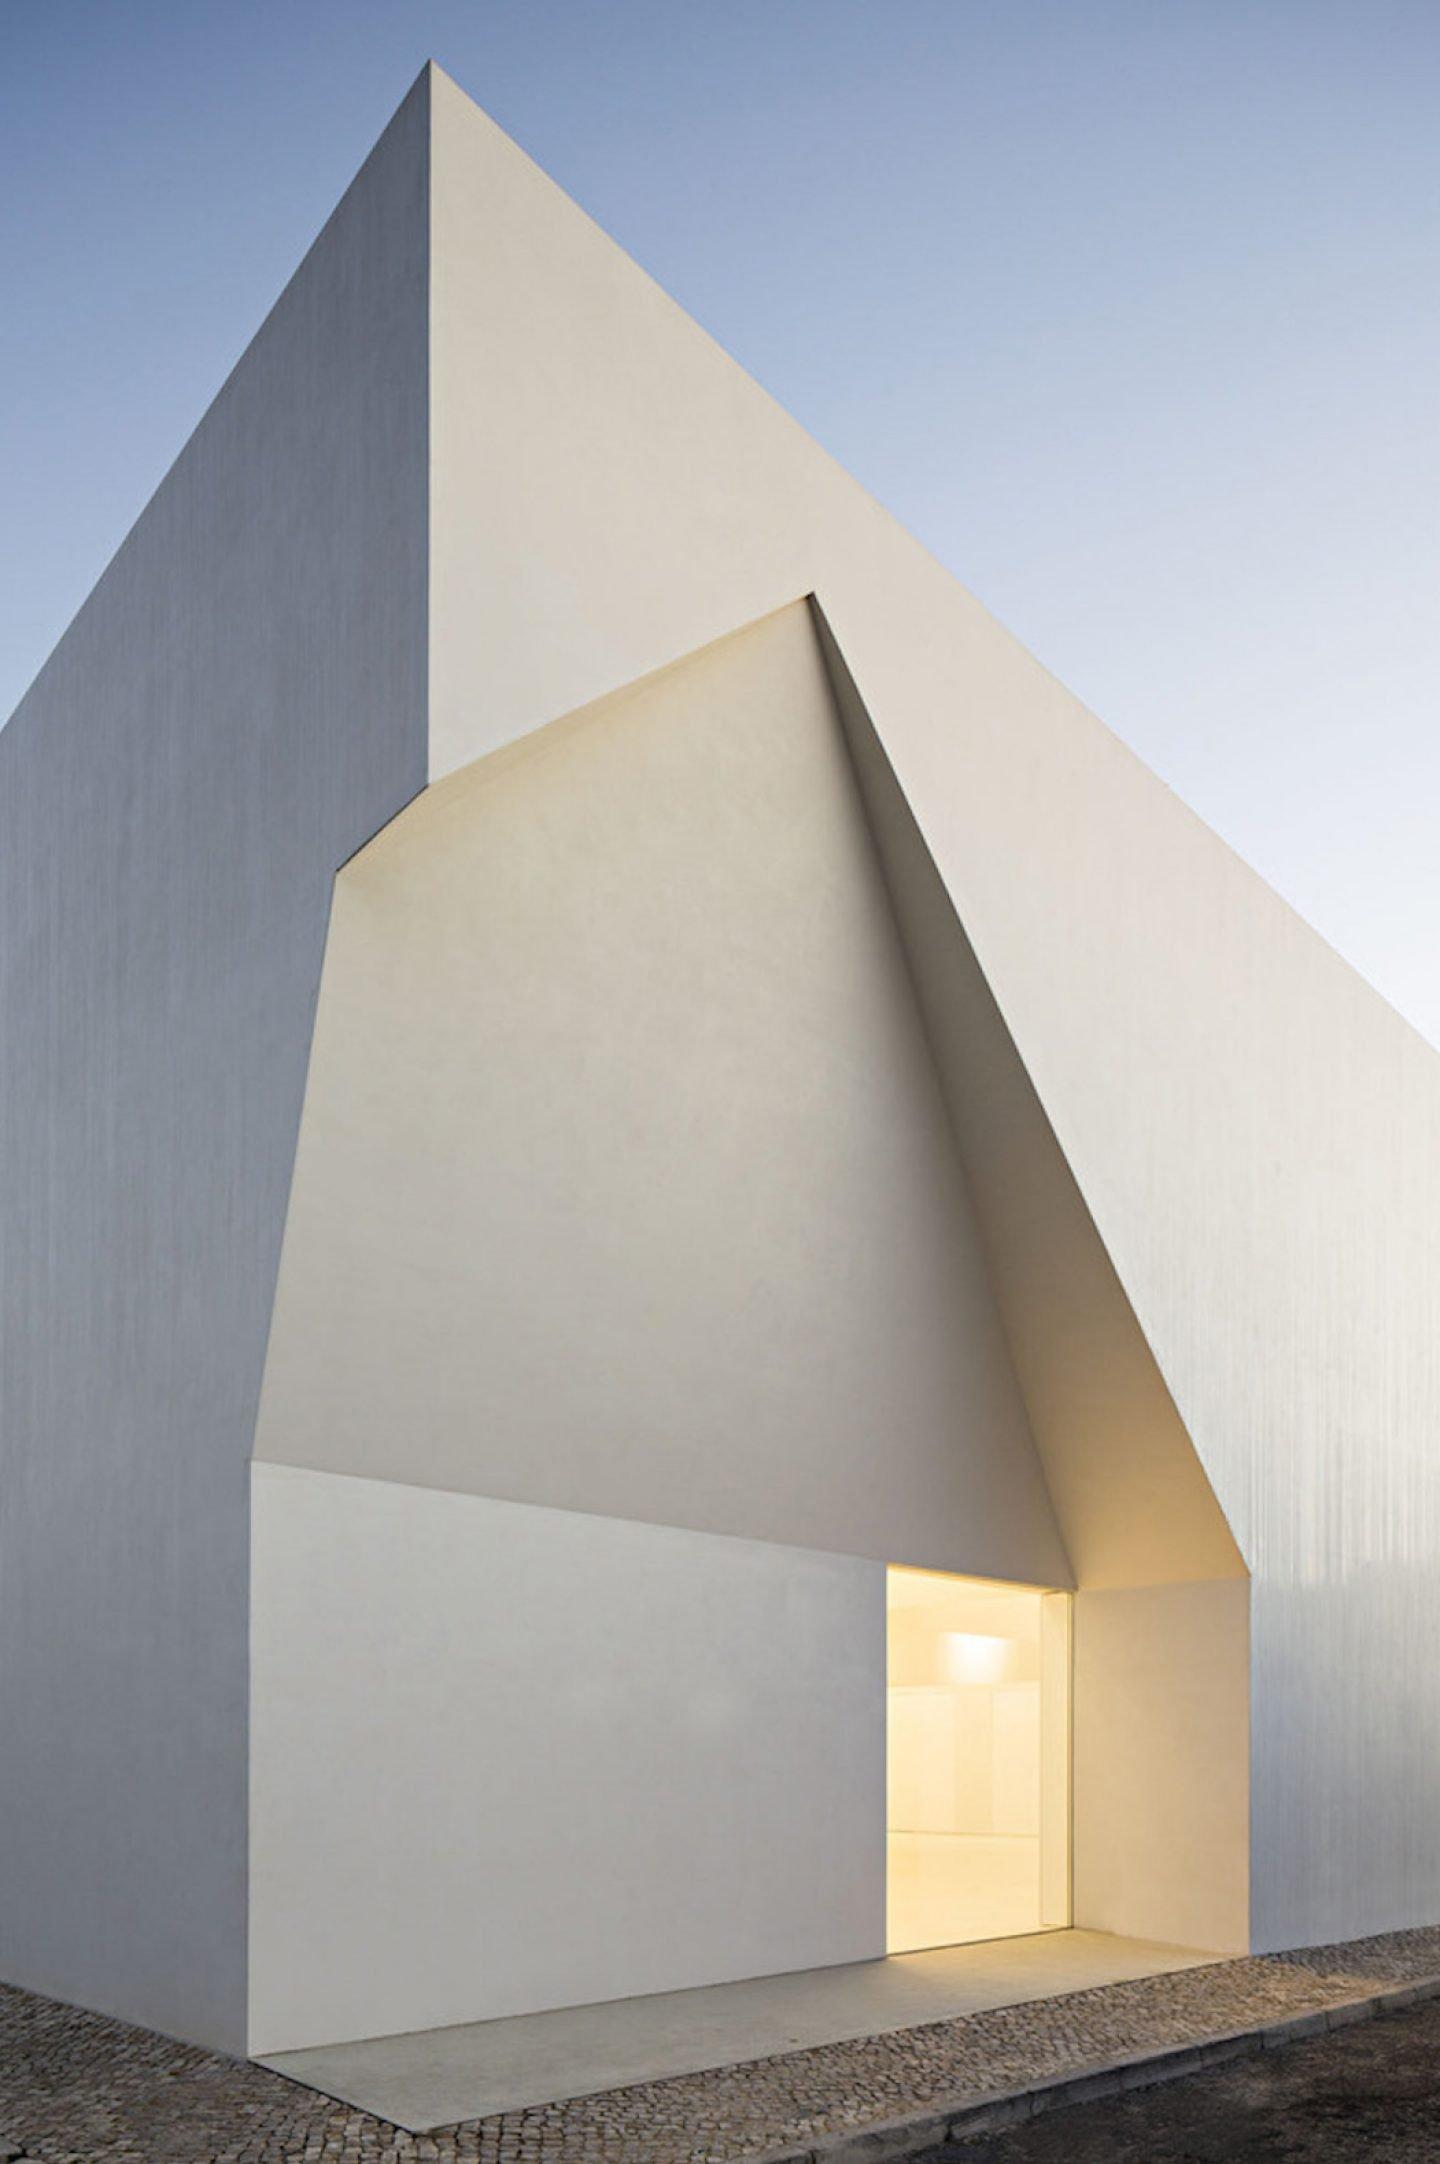 iGNANT_Architecture_Aires_Mateus_Monolithic_Meeting_Center_03